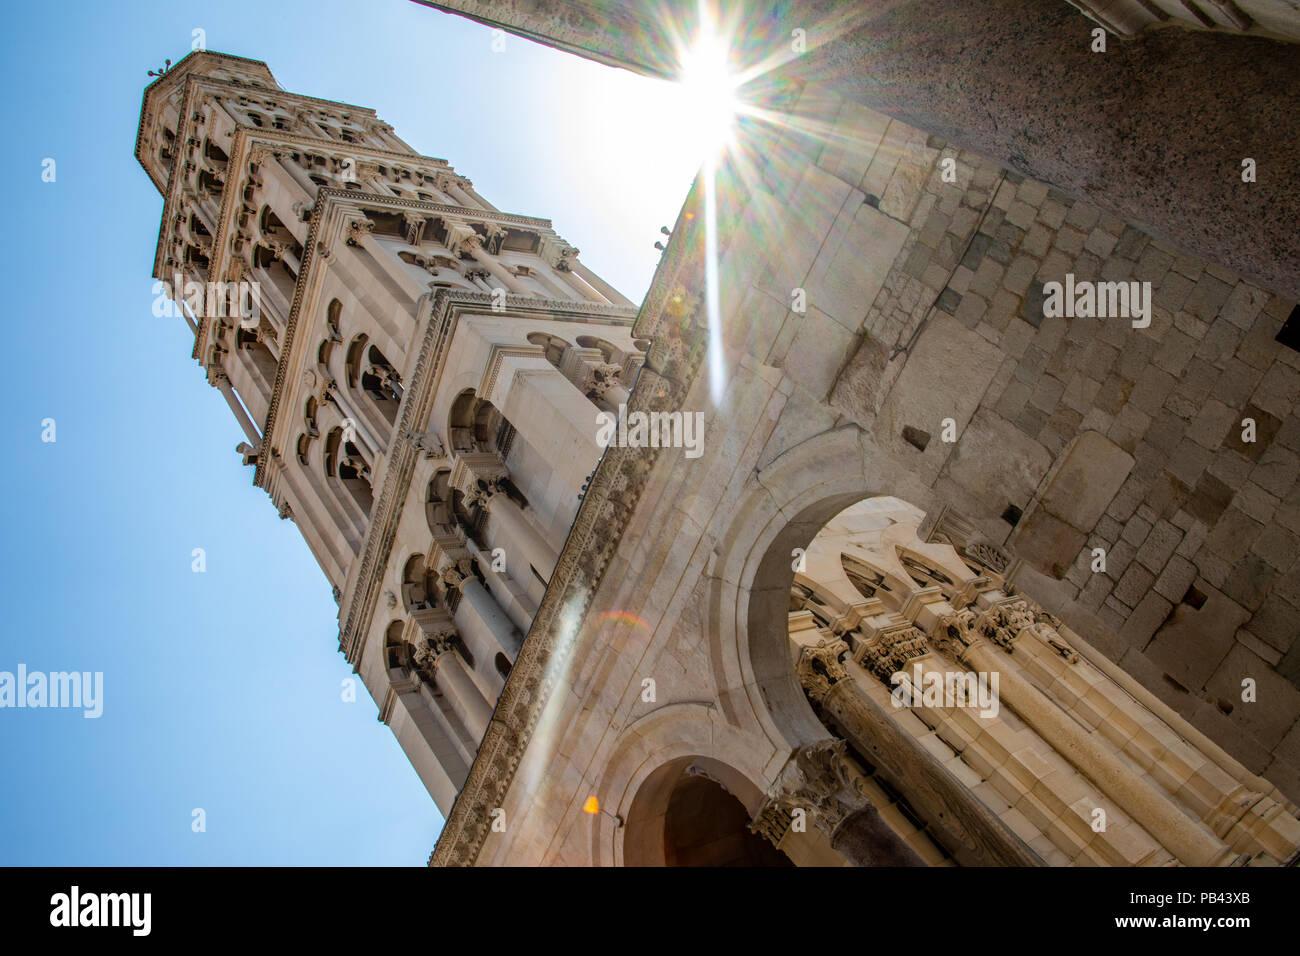 Kathedrale des Heiligen Domnius und Glockenturm, Alte Split, dem historischen Zentrum der Stadt Split, Kroatien Stockbild